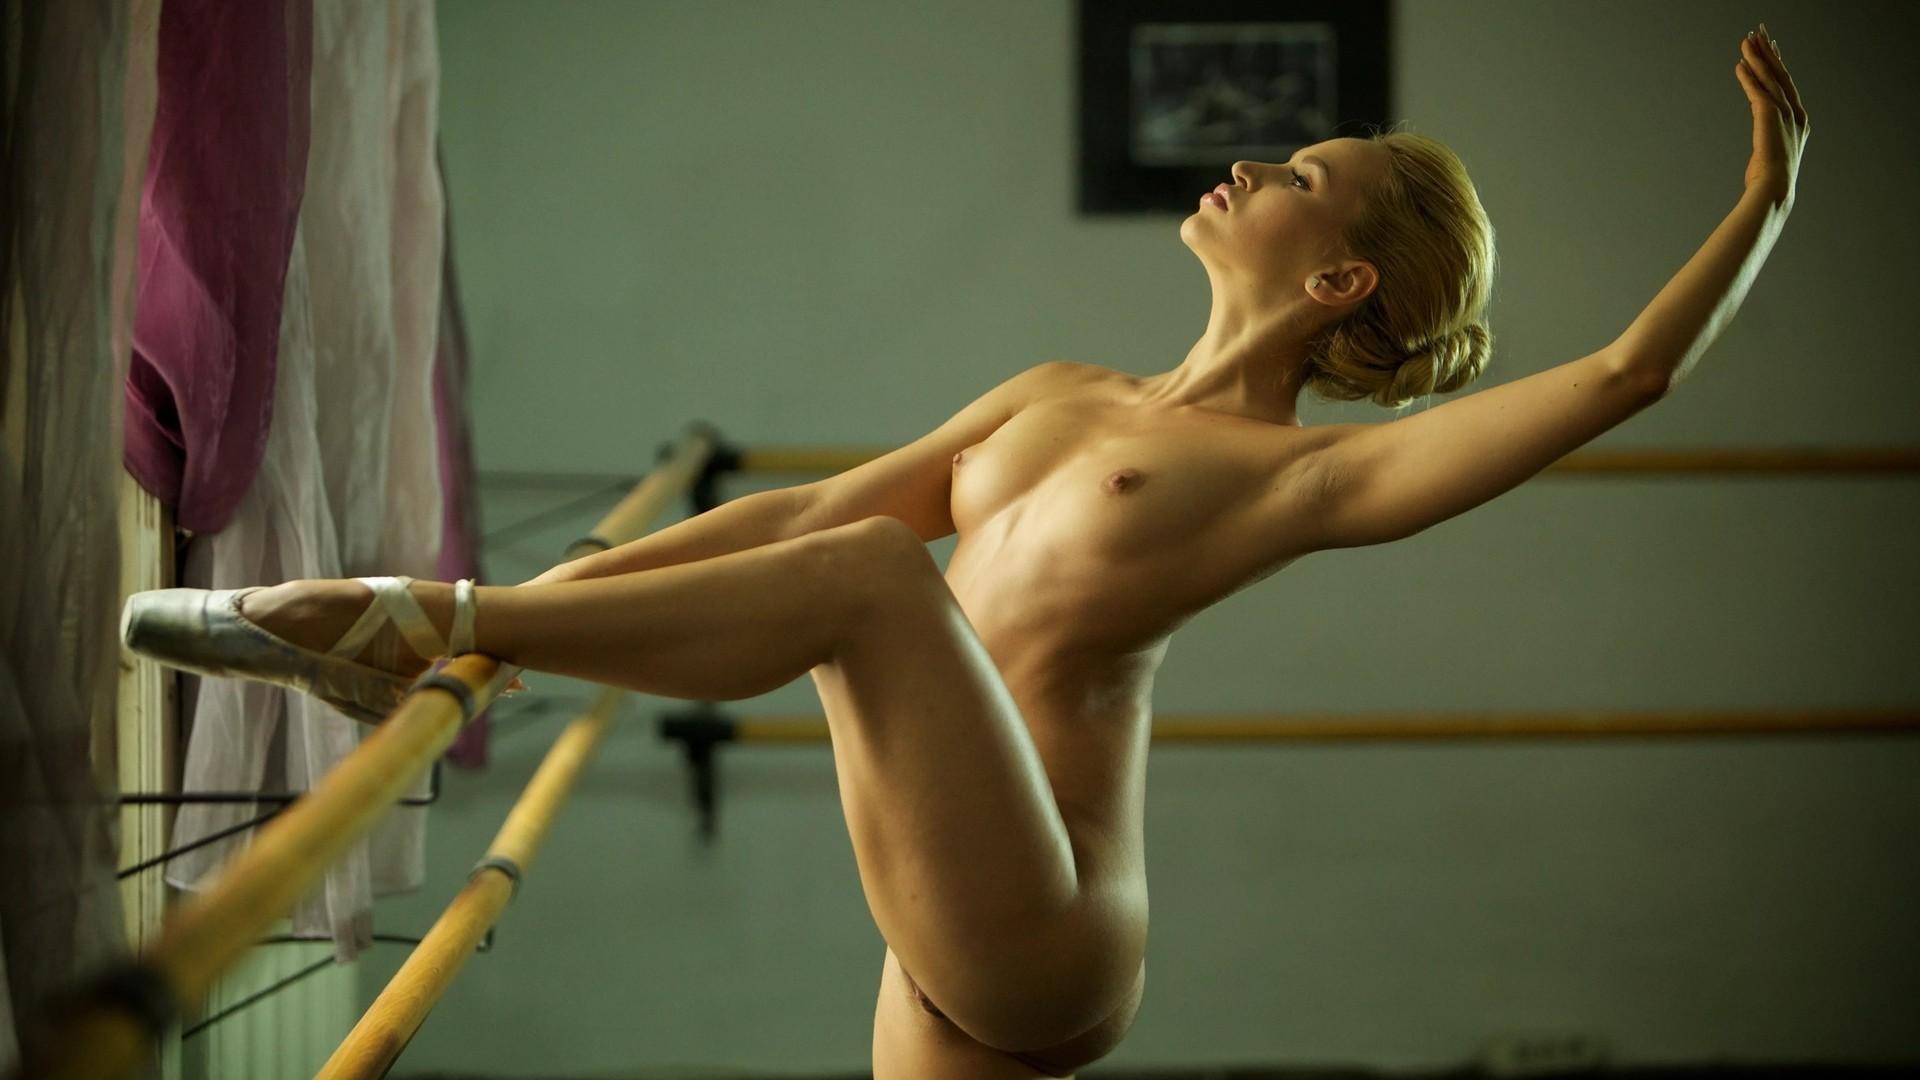 Фото обнаженная балерина #14